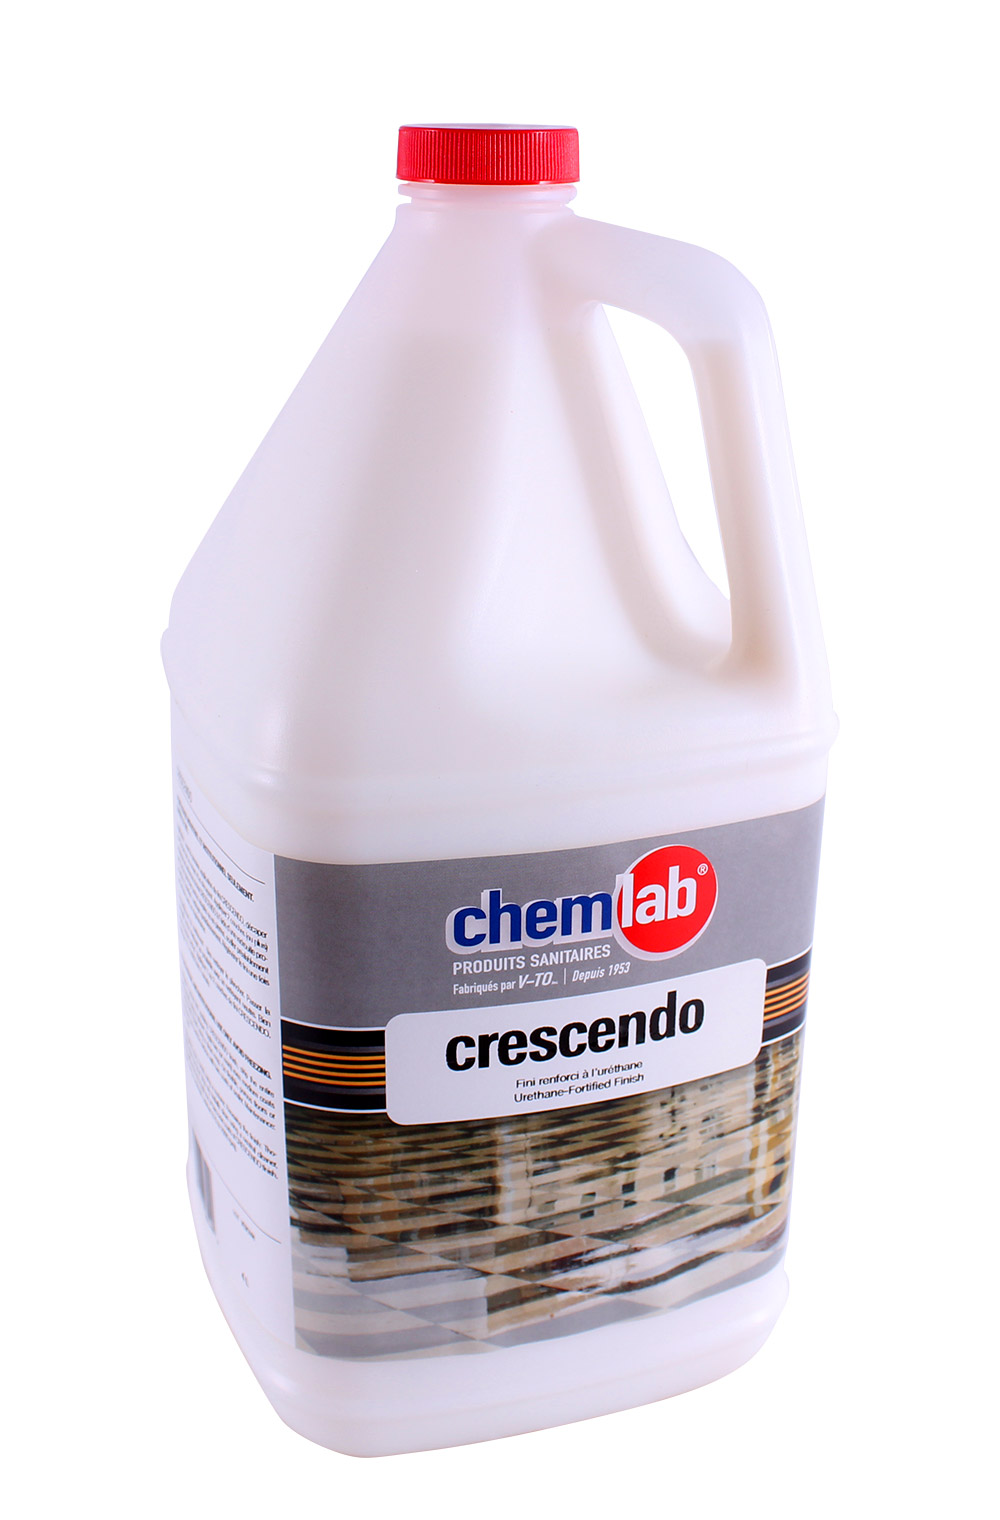 Crescendo – Fini à plancher ultra concentré fortifié à l'uréthane (Conc. 36%)